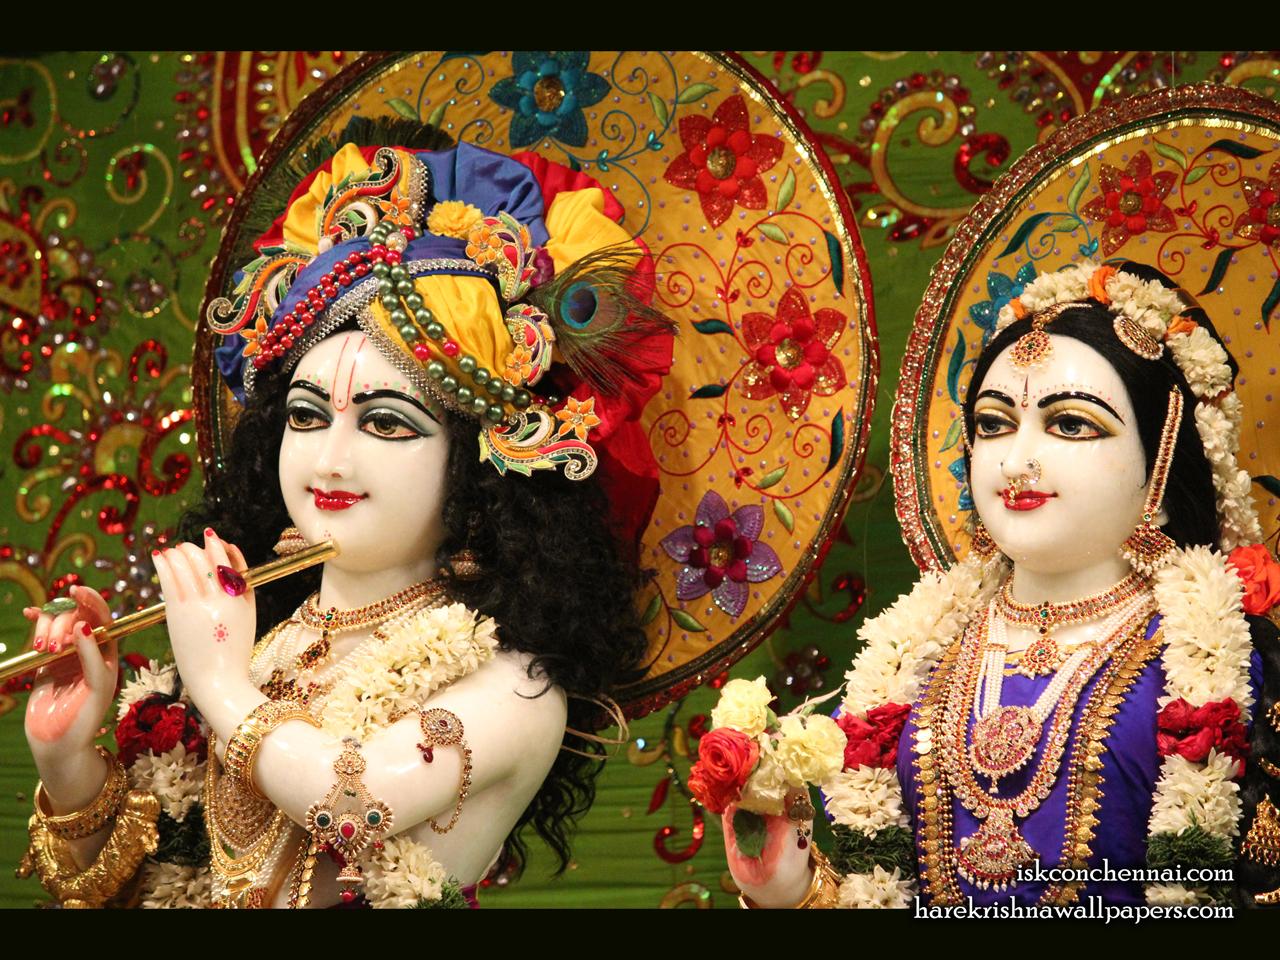 Sri Sri Radha Krishna Close up Wallpaper (011) Size 1280x960 Download